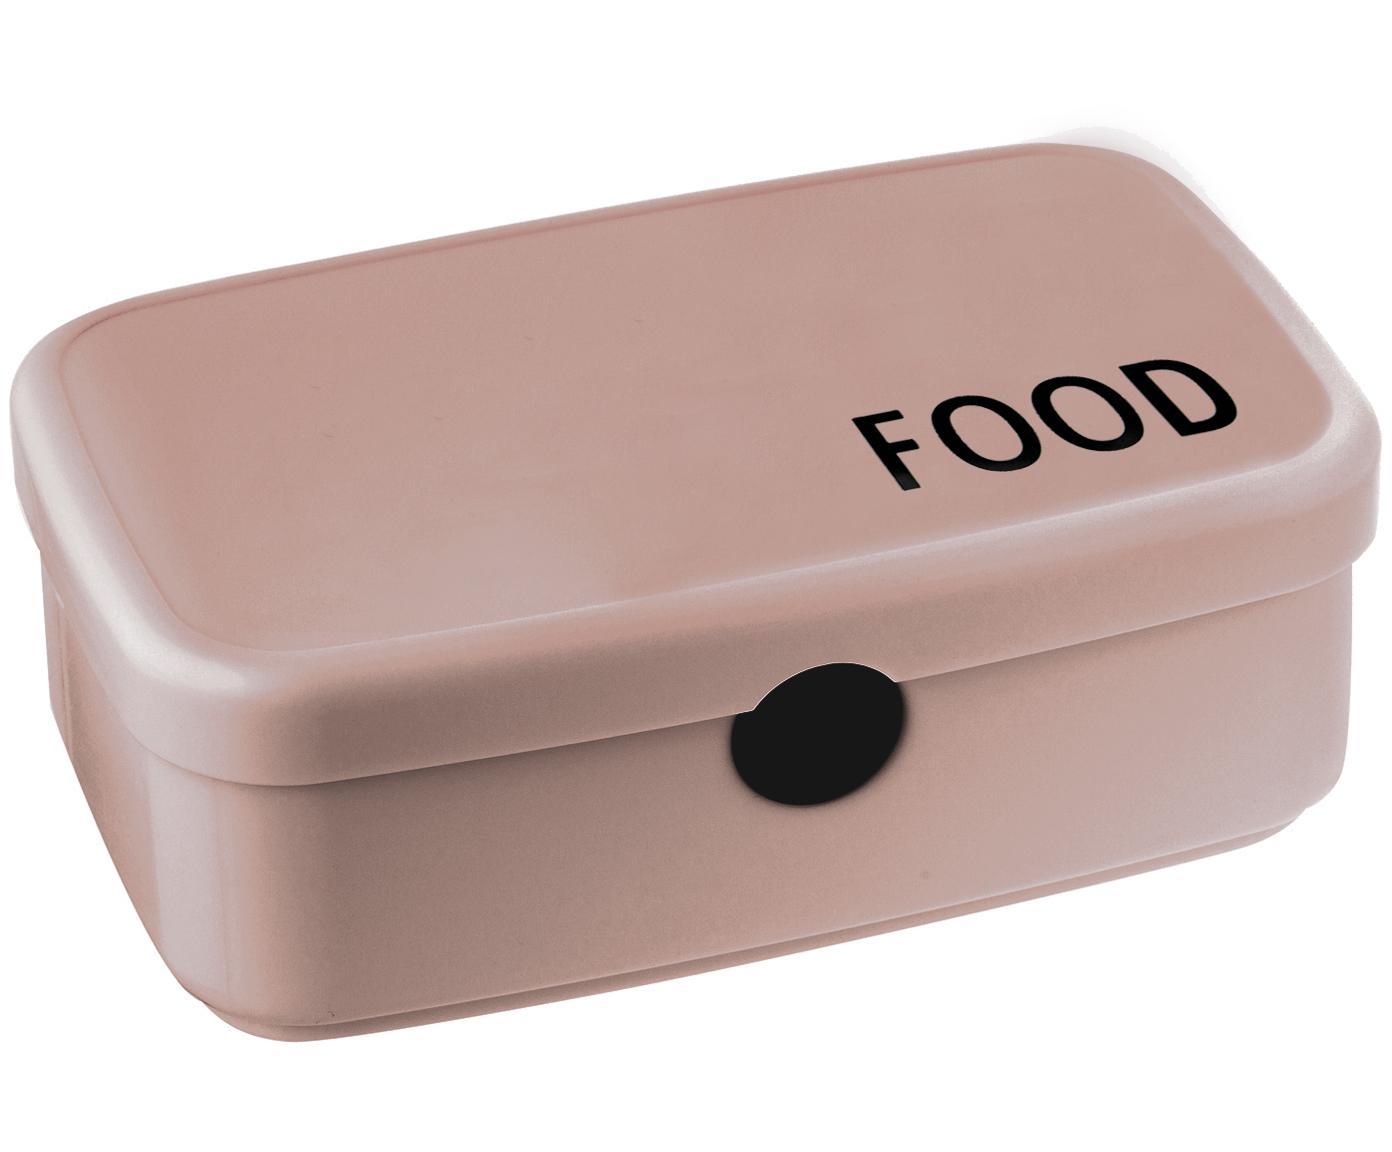 Lunchbox Food, Tritan (kunststof, BPA-vrij), Beige, 18 x 6 cm